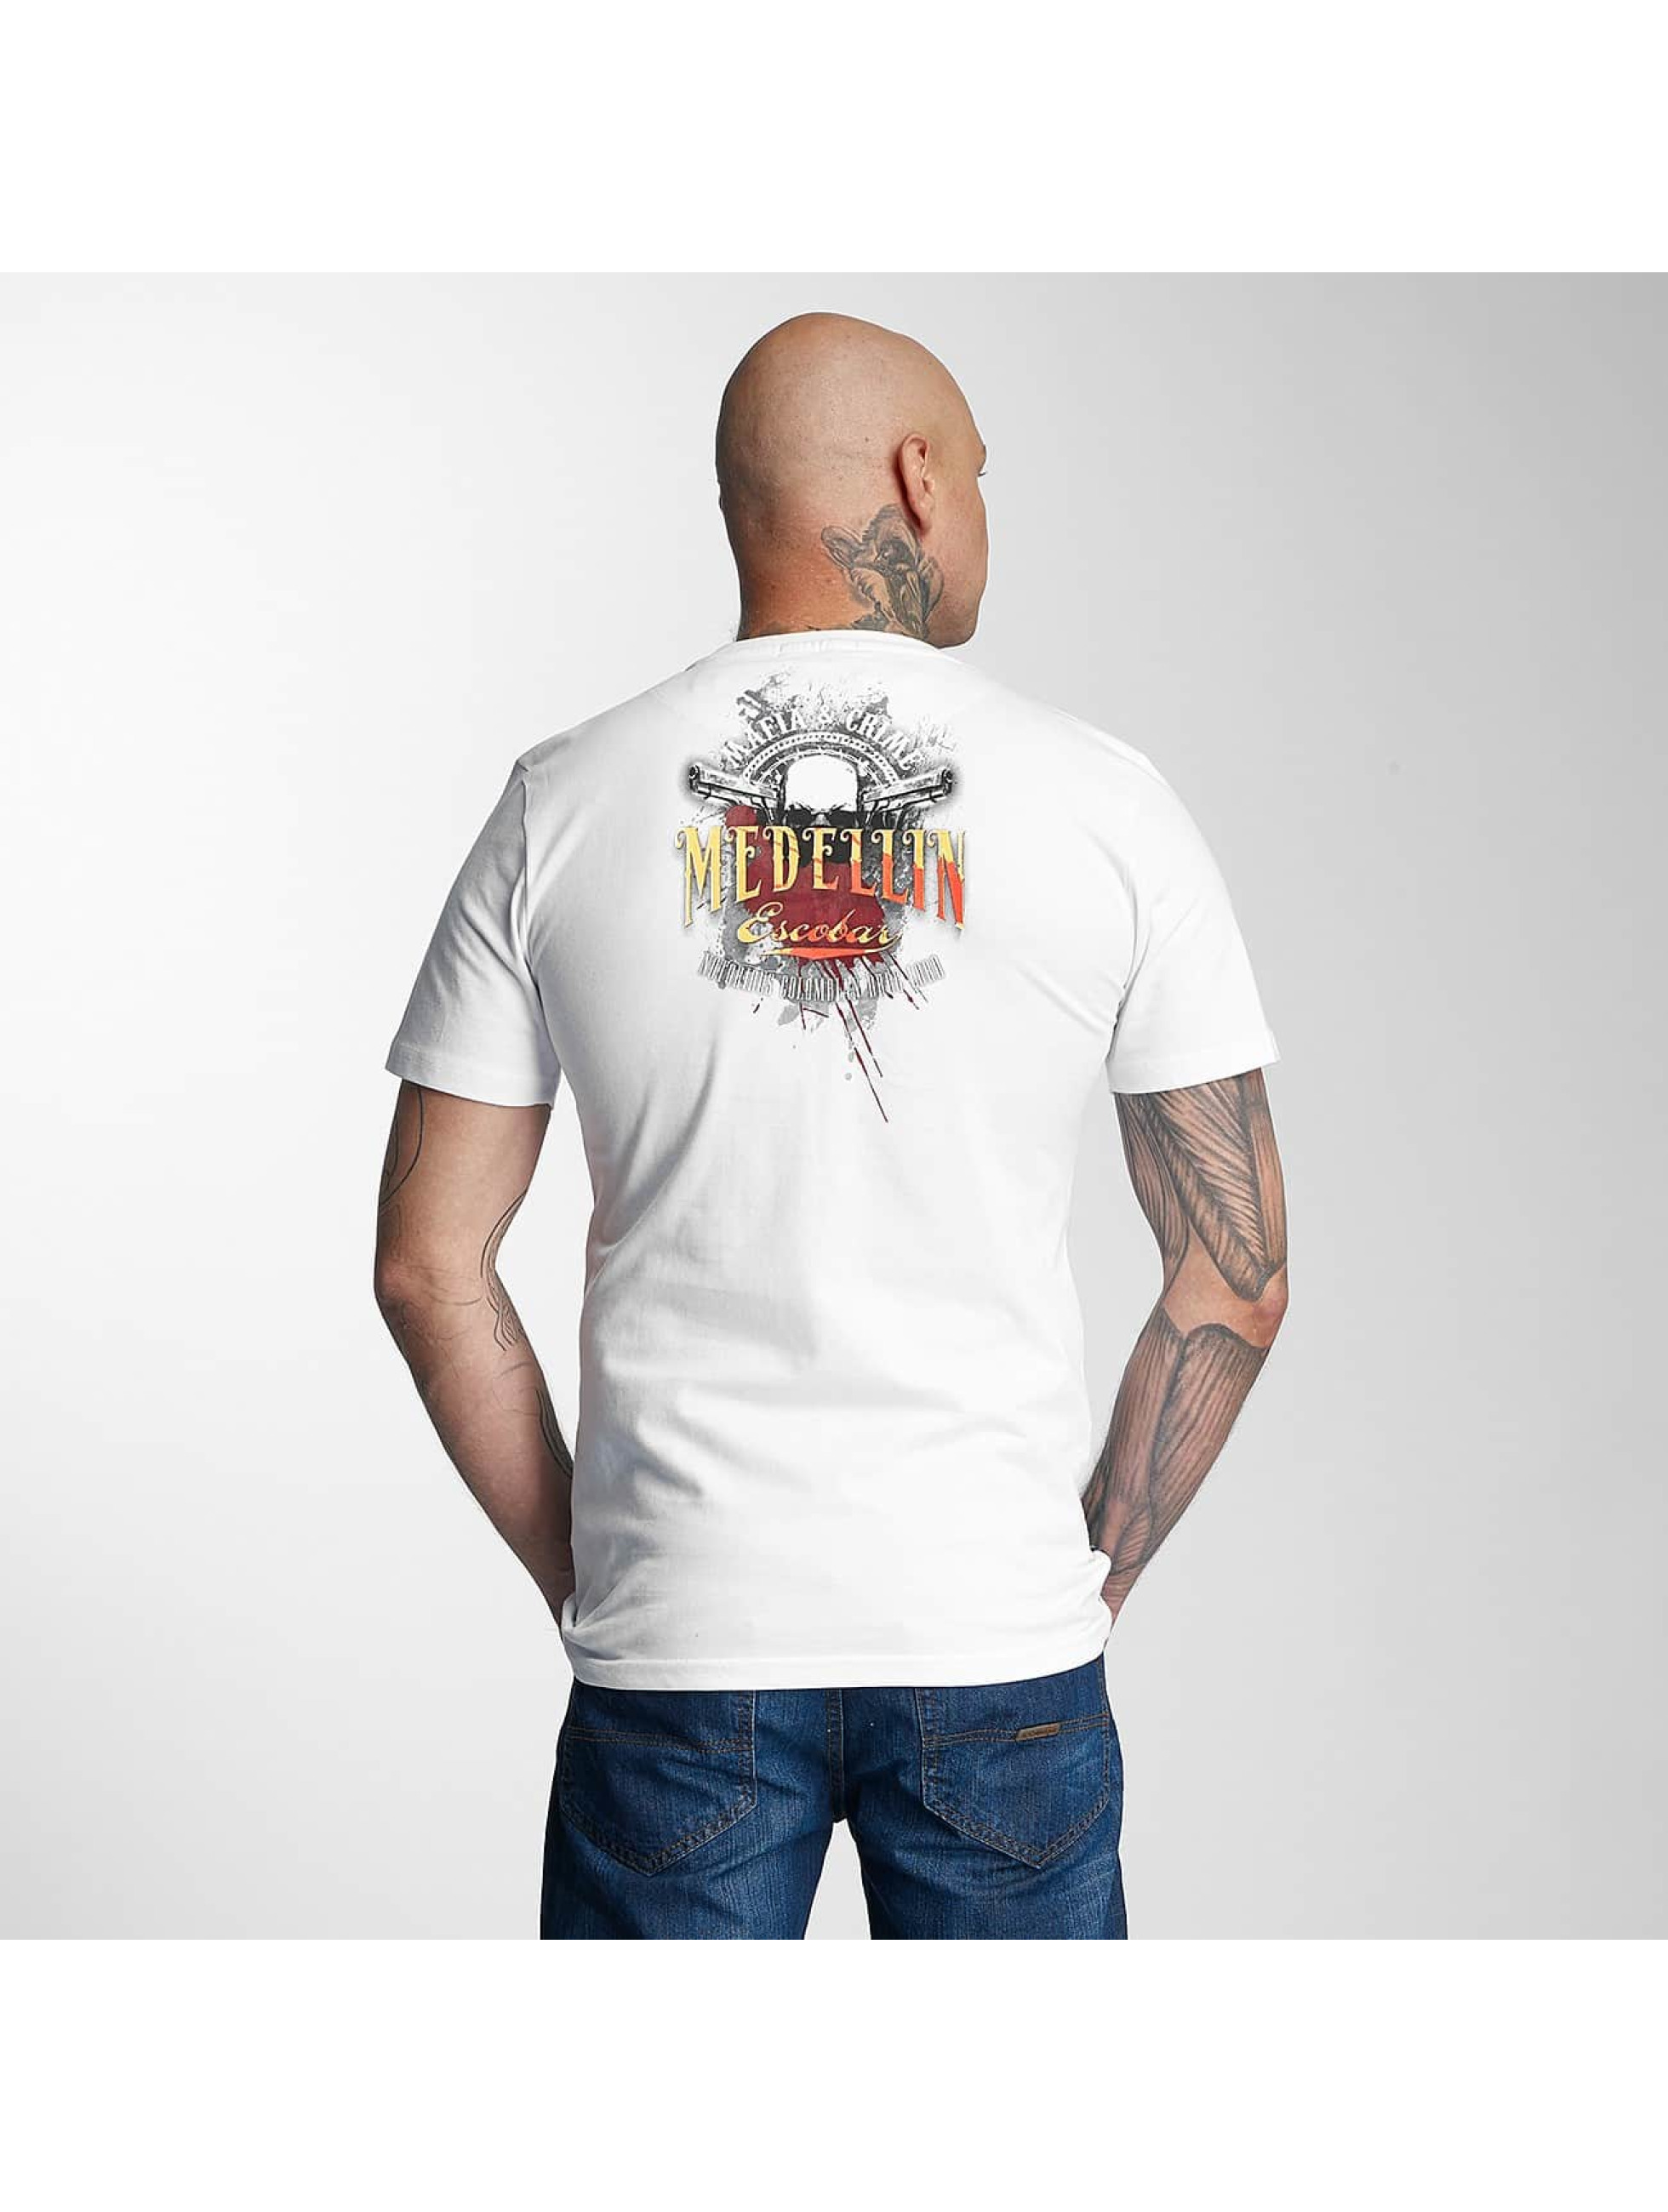 Mafia & Crime T-Shirt Medellin Escobar white